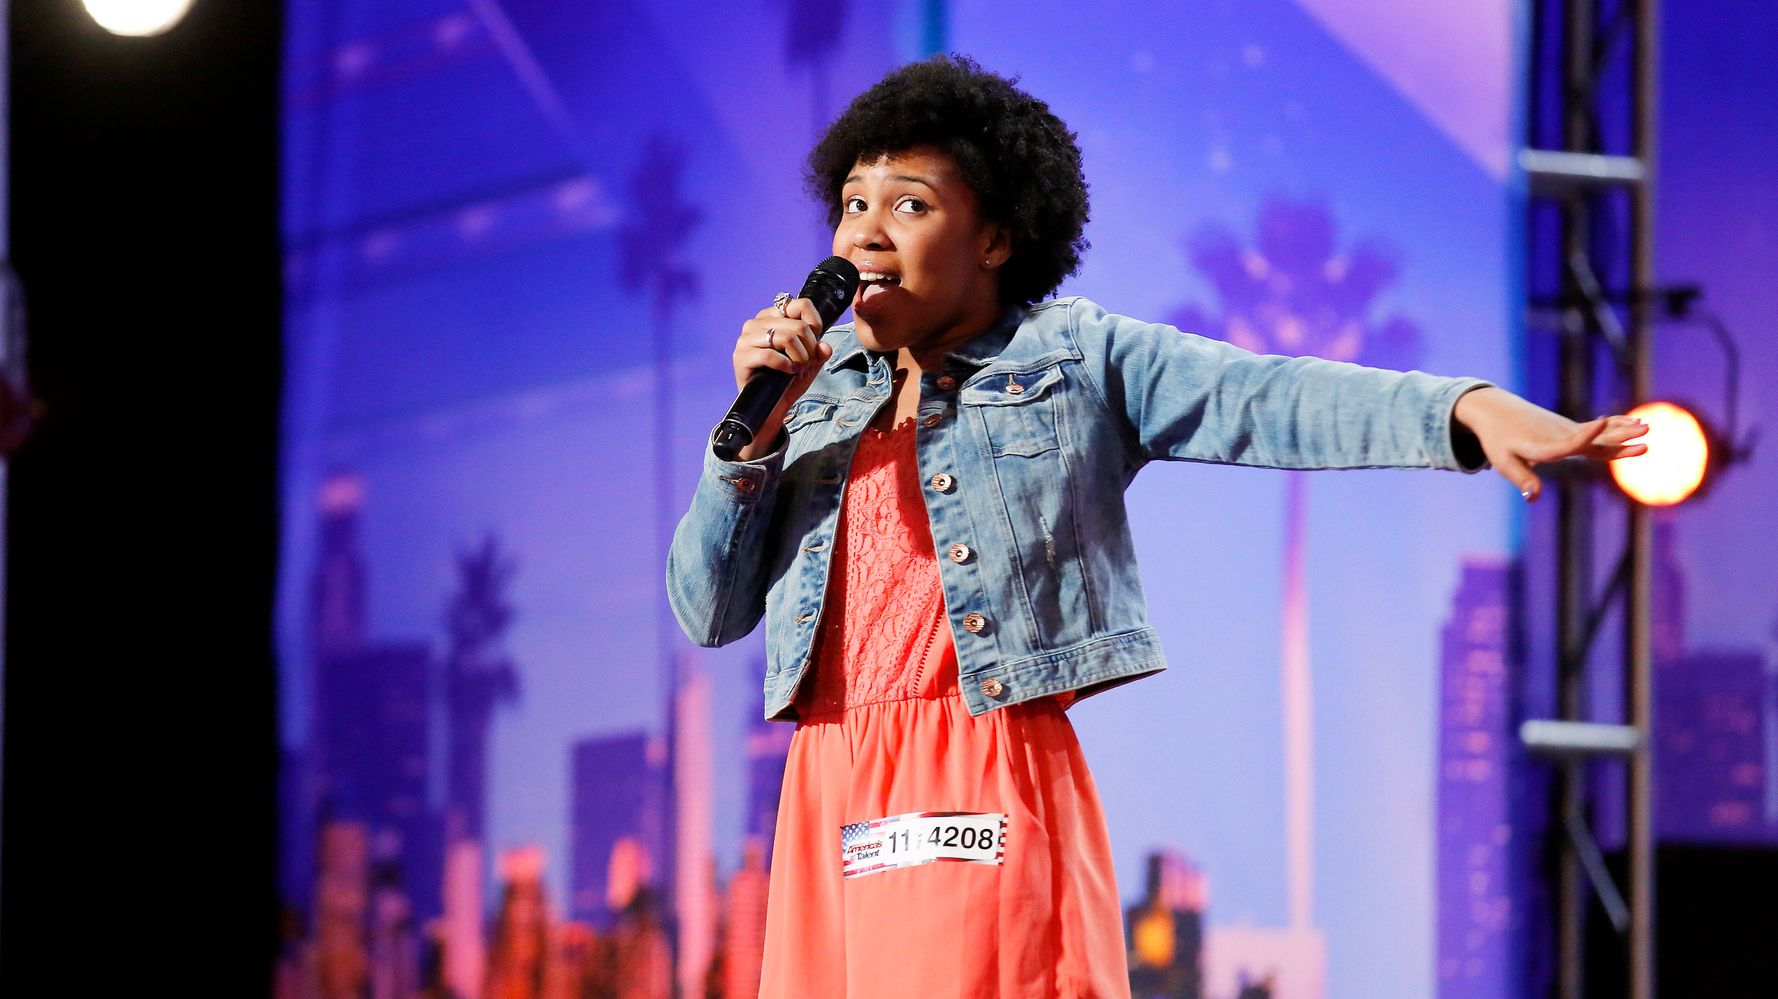 Homeless Teen Earns 'America's Got Talent' Golden Buzzer With Chills